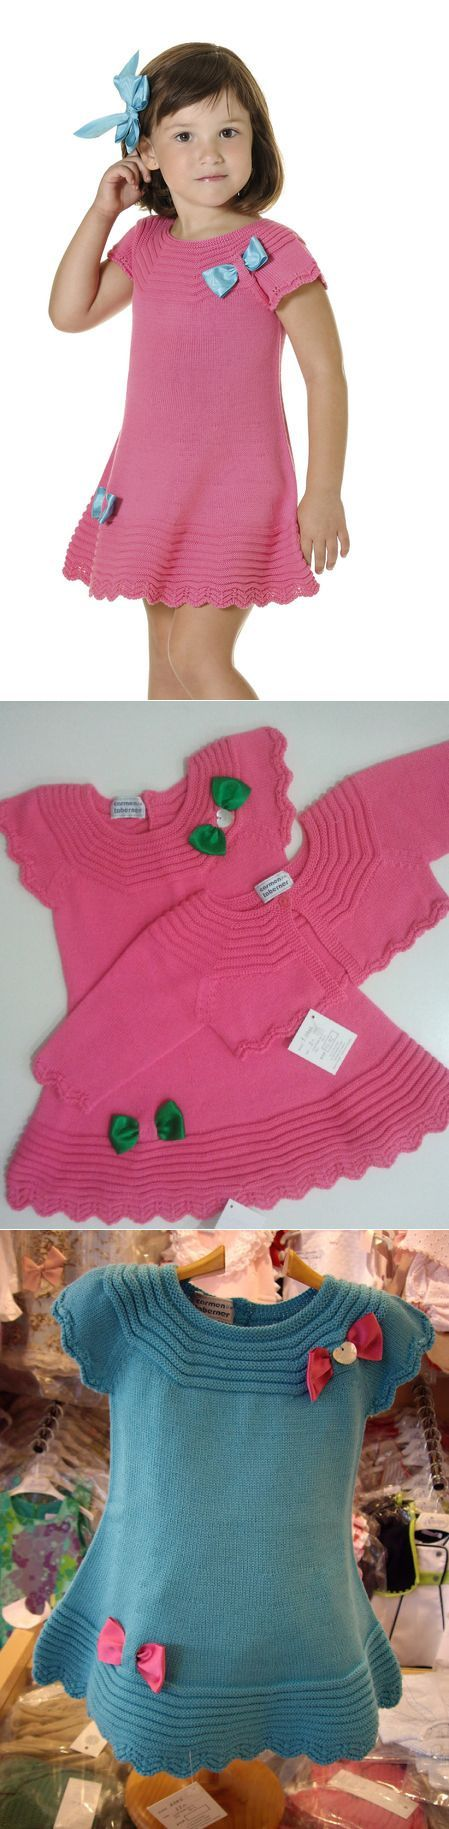 платья для девочки из журнала сабрина